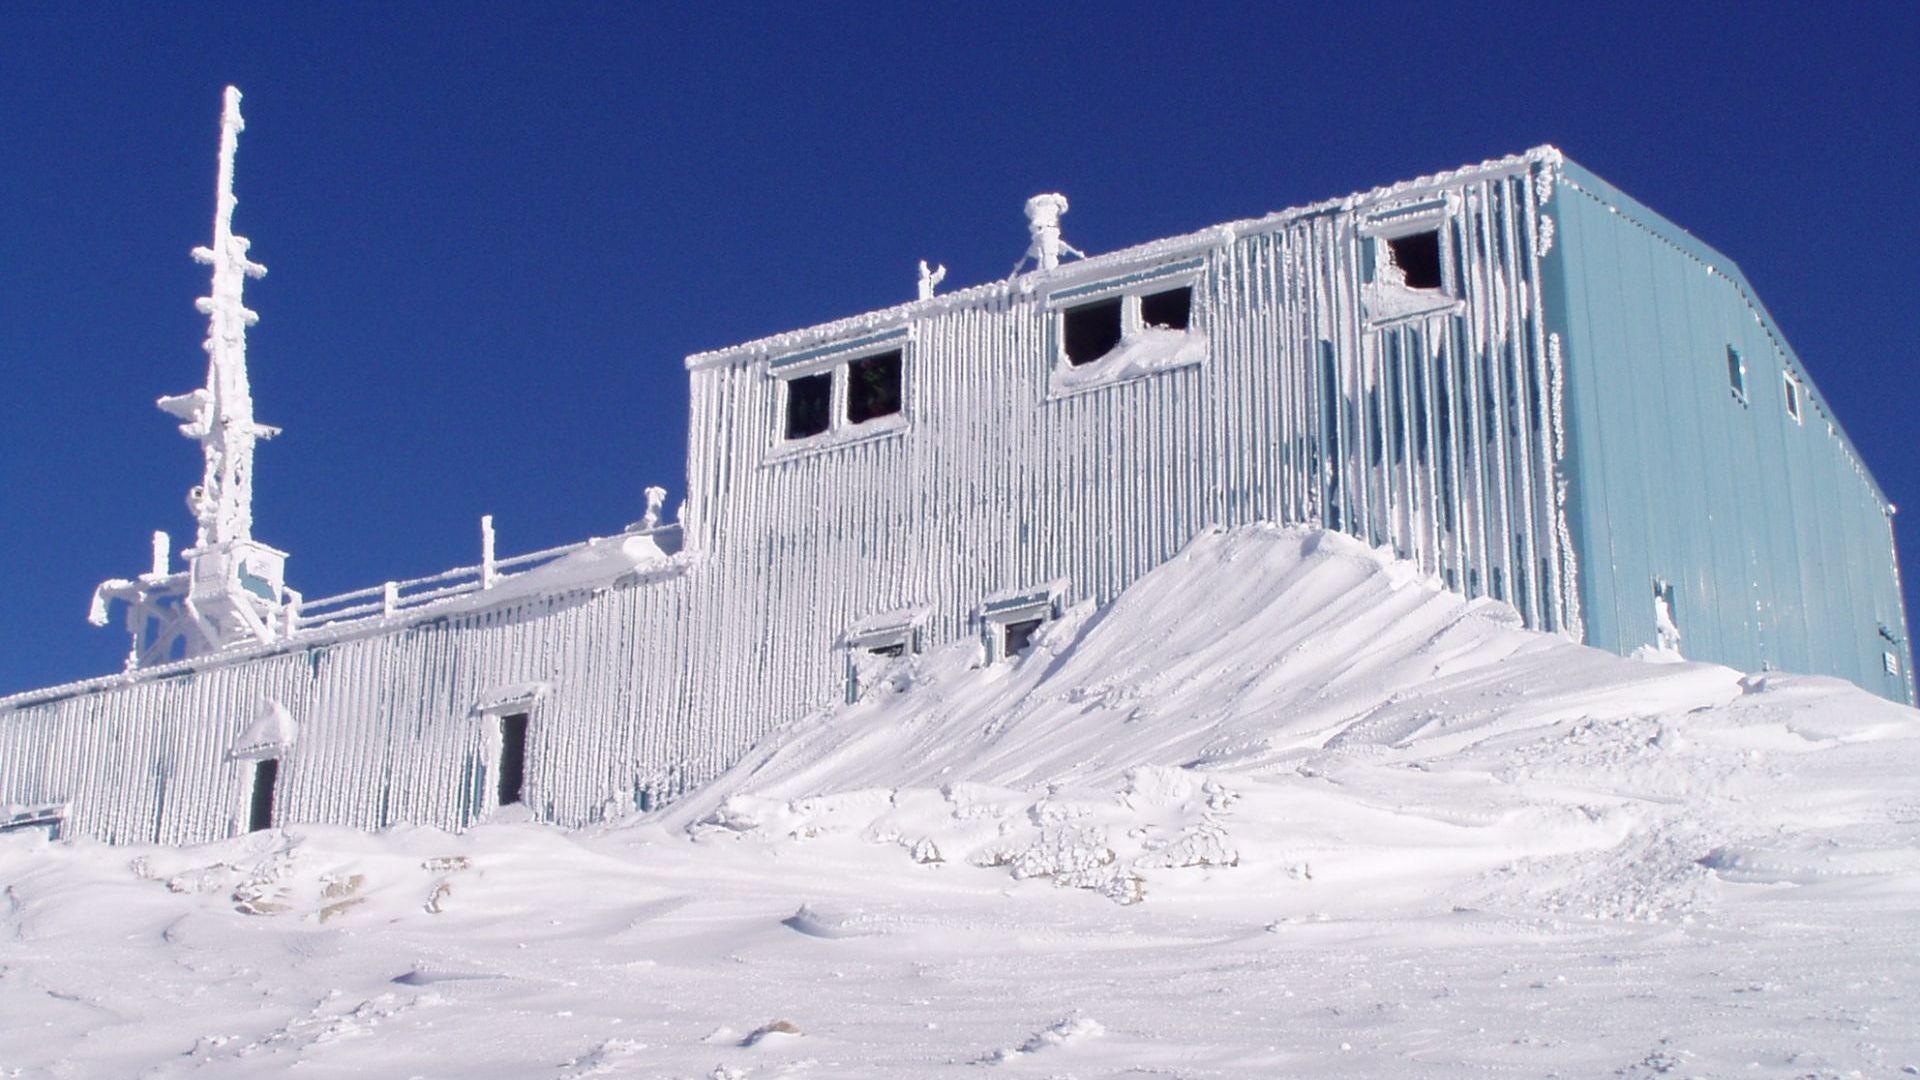 Така изглежда станцията на Мусала през зимата